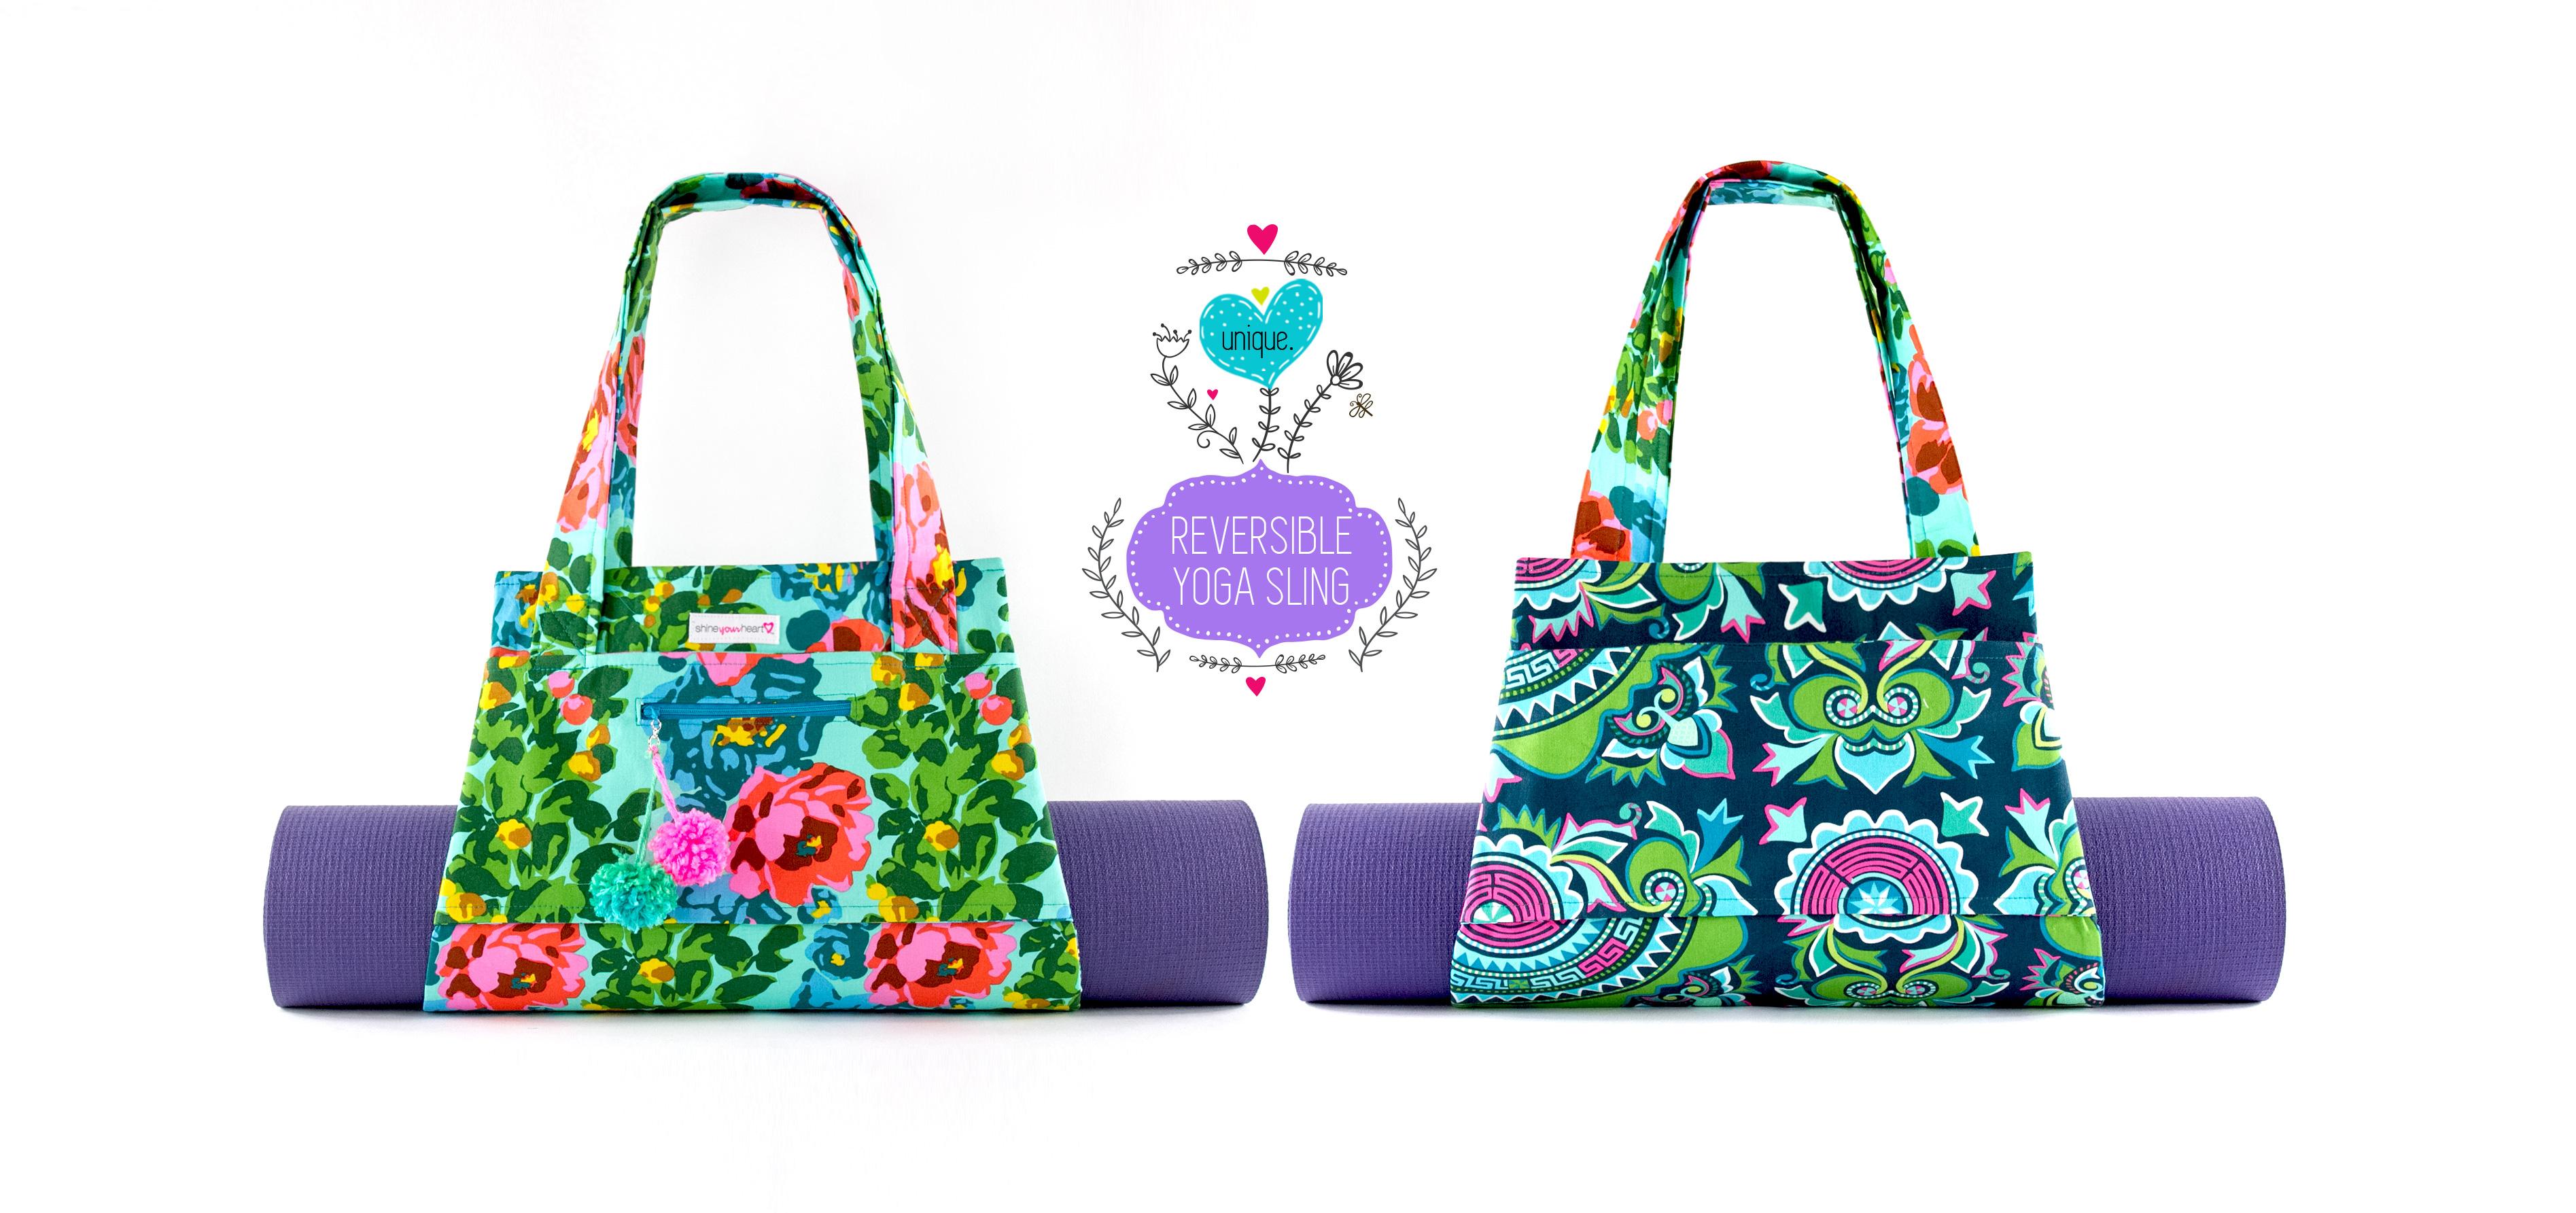 Yoga Bags  c7756502184d8